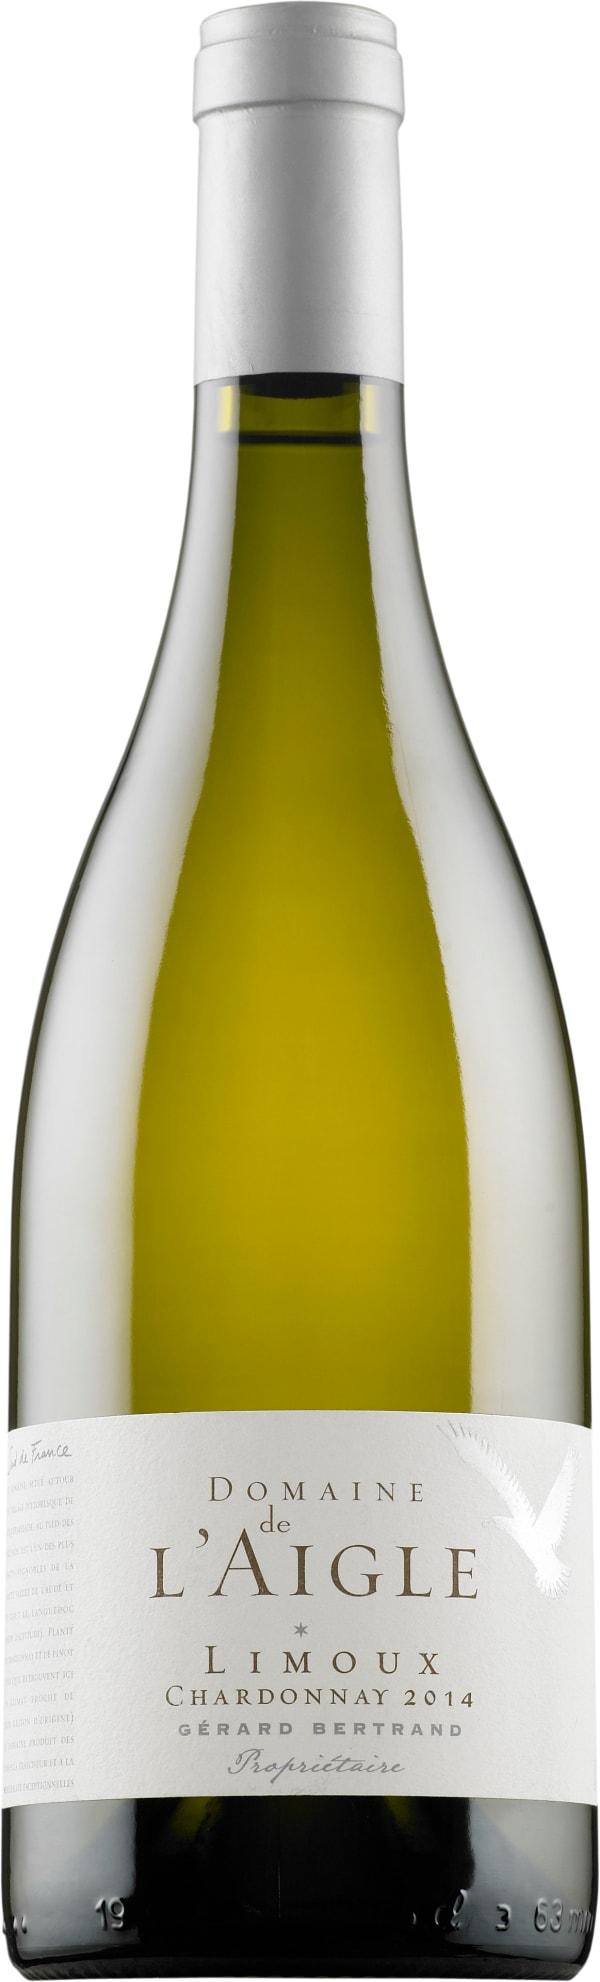 Domaine de l'Aigle Limoux Chardonnay 2015